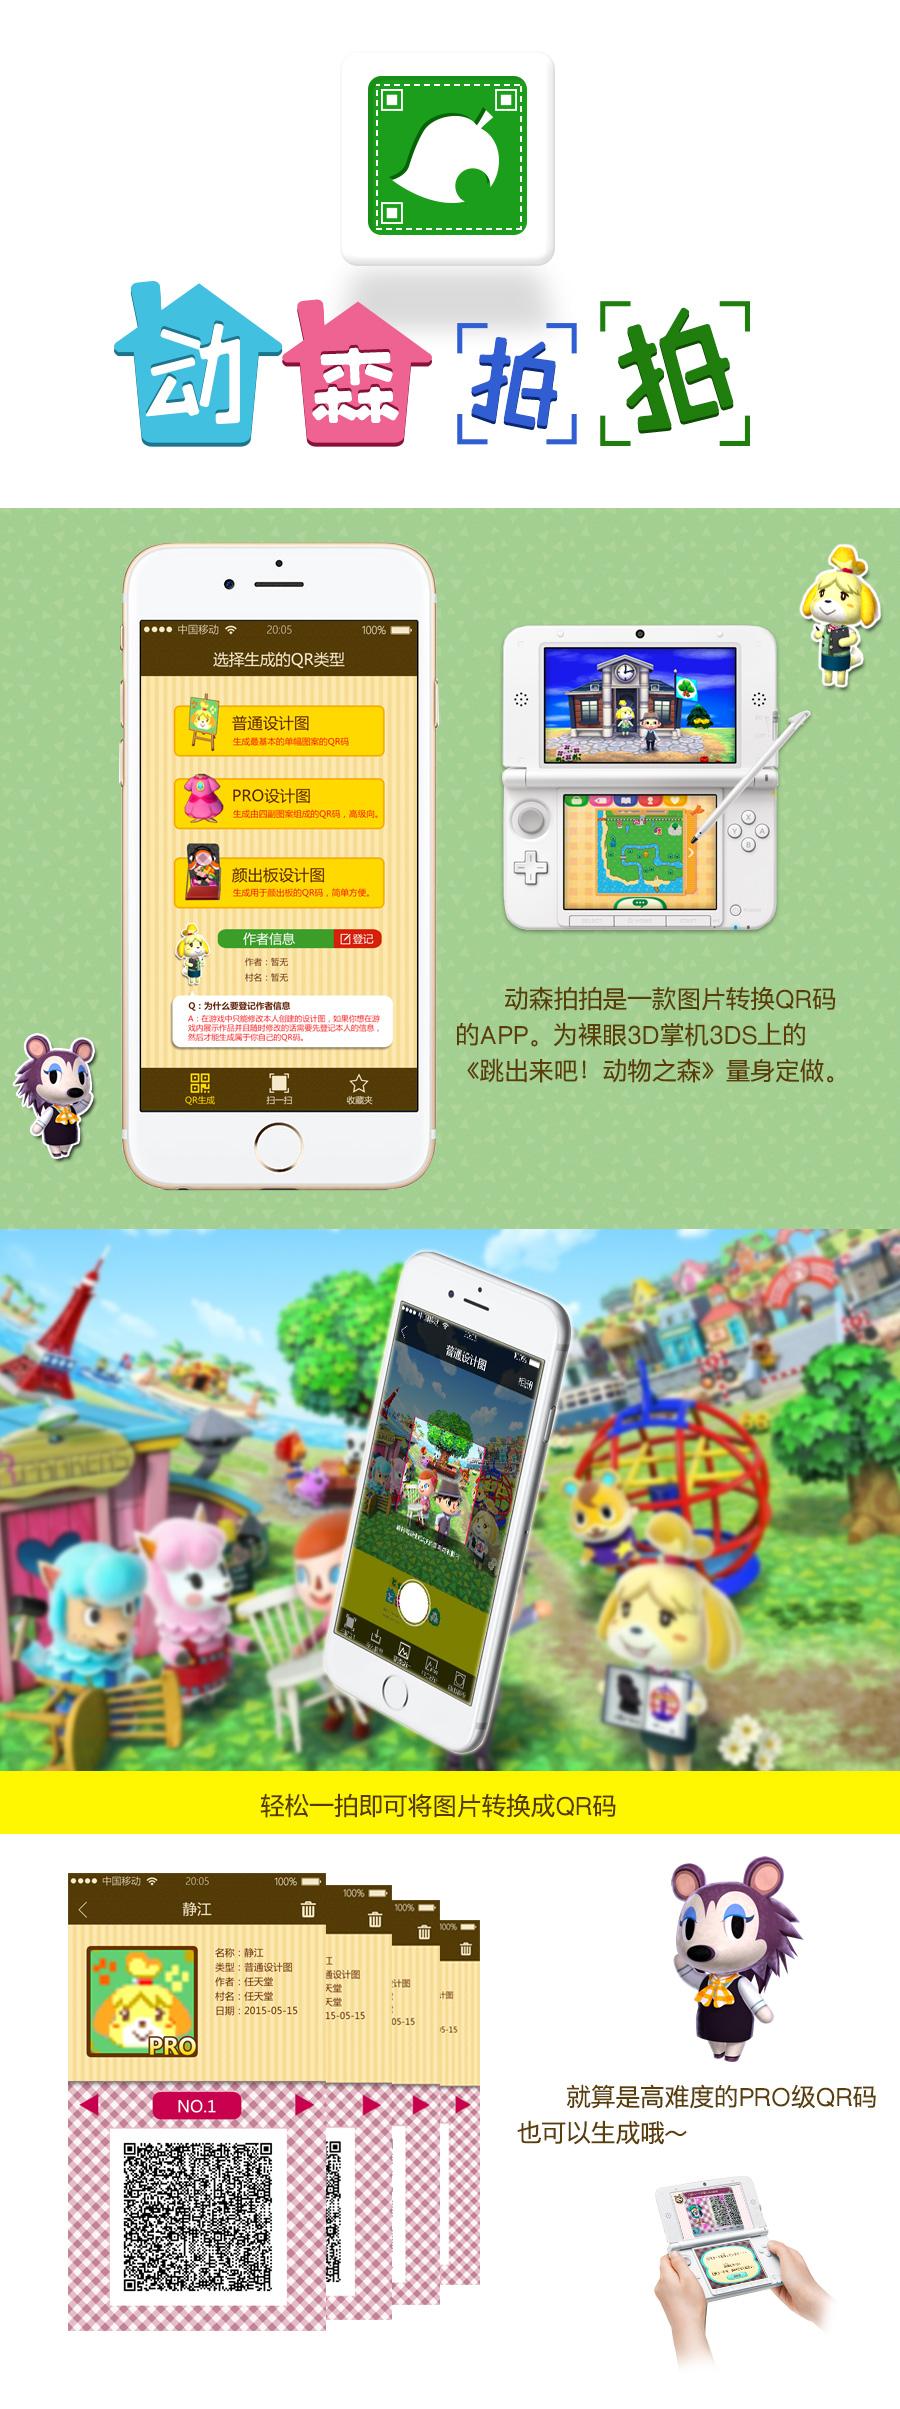 动物之森qr码转换app|移动设备/app界面|ui|5435851